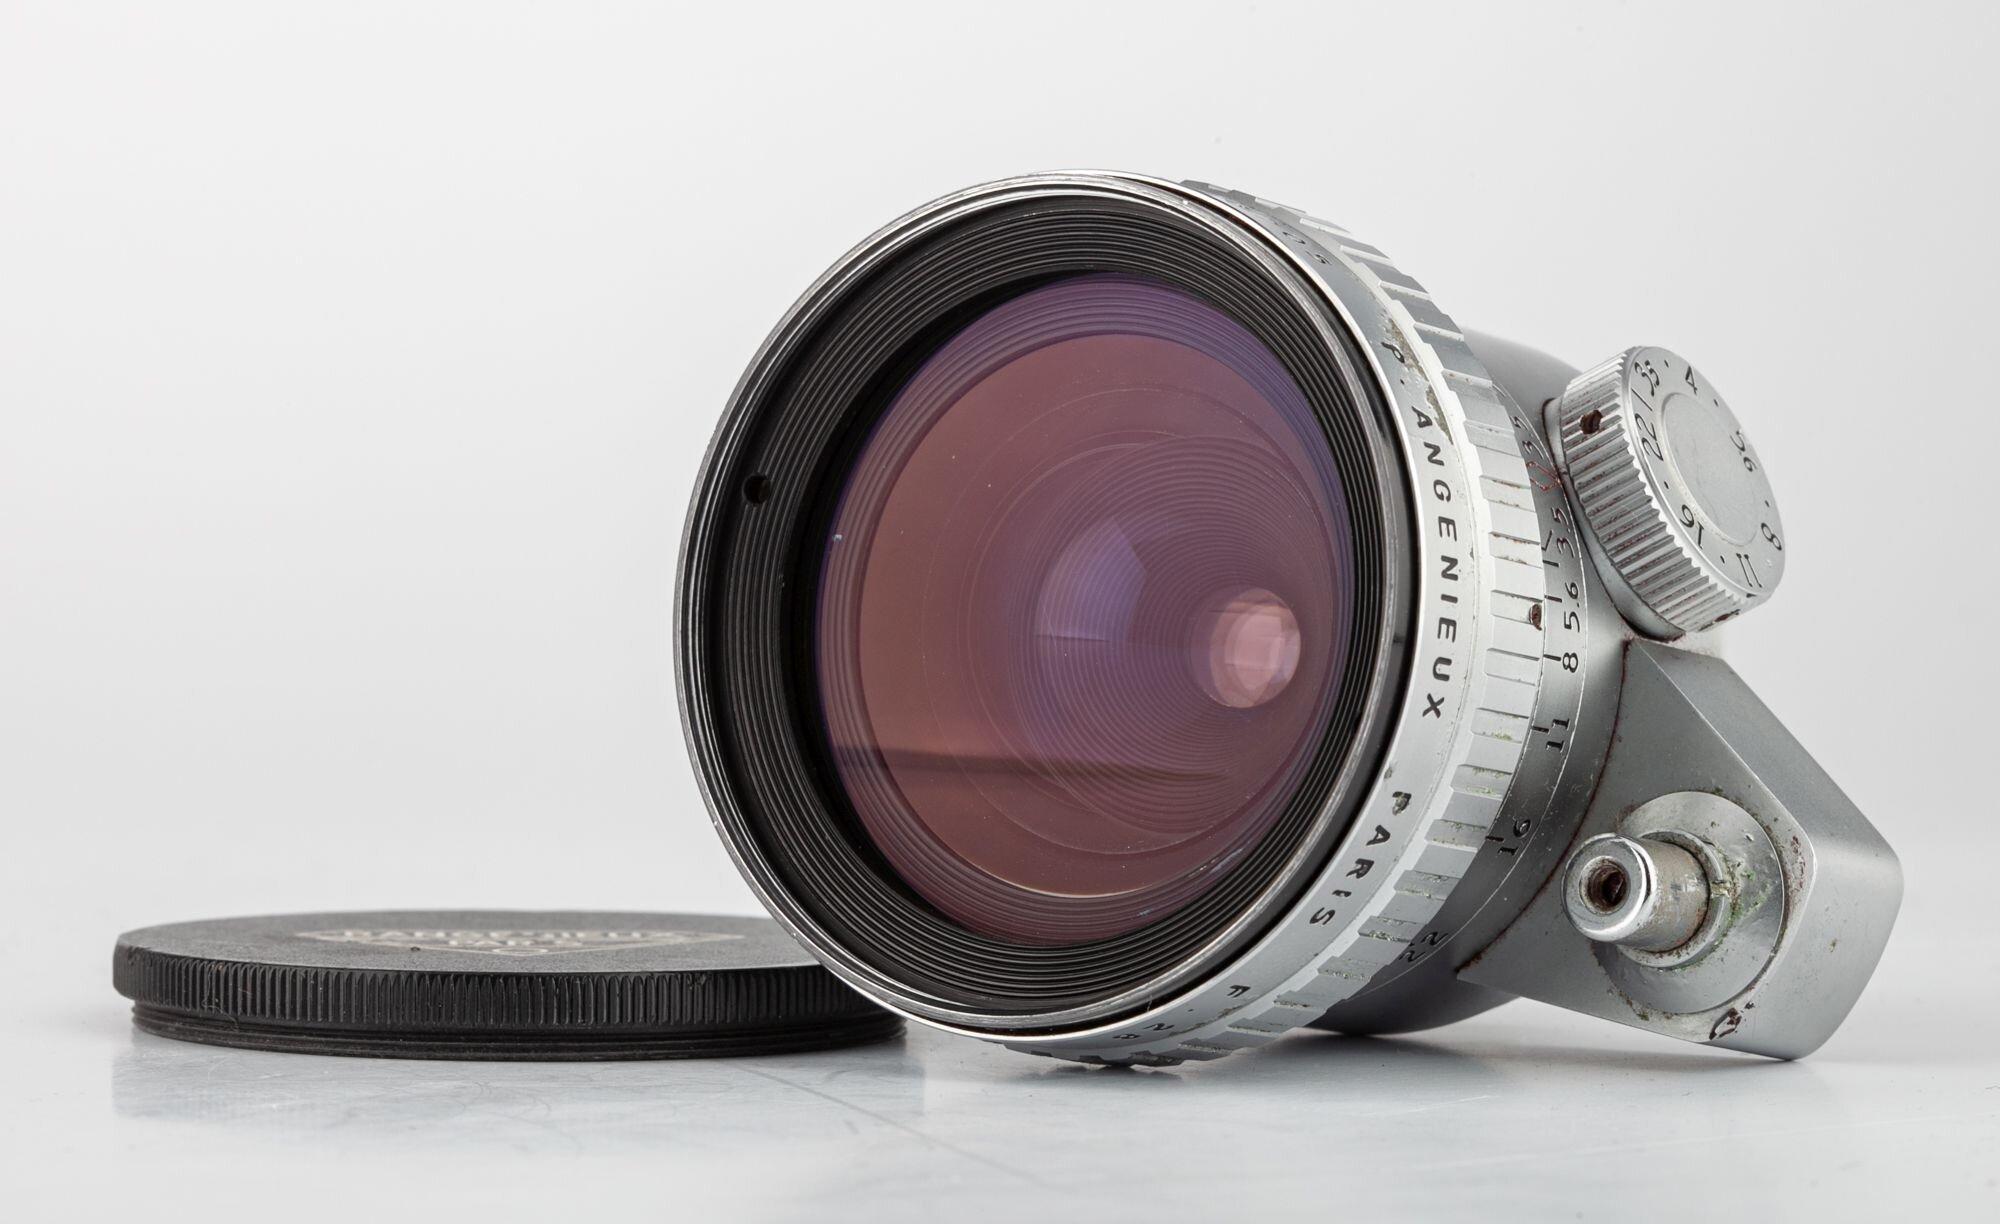 P.Angenieux Paris F.28mm 1:3,5 Retrofocus Type R 11chrom für Exacta